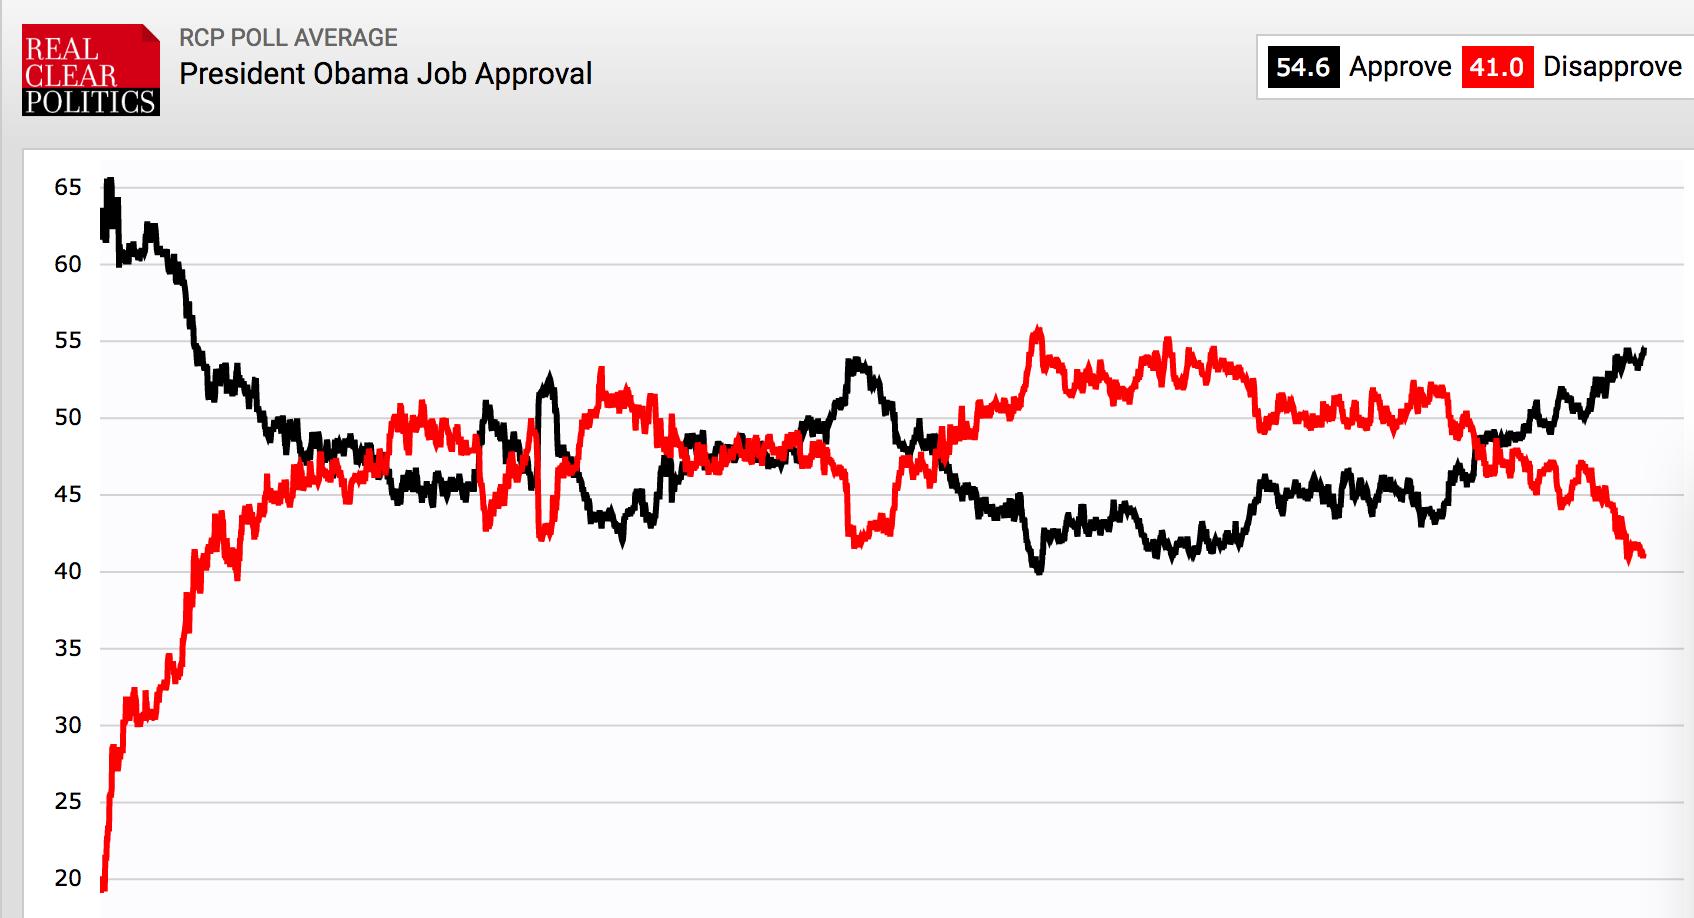 """""""清楚政治""""网站上,奥巴马的历年支持率(黑色为支持,红色为不支持),在总统最后一年任职期间出现了显著上升"""